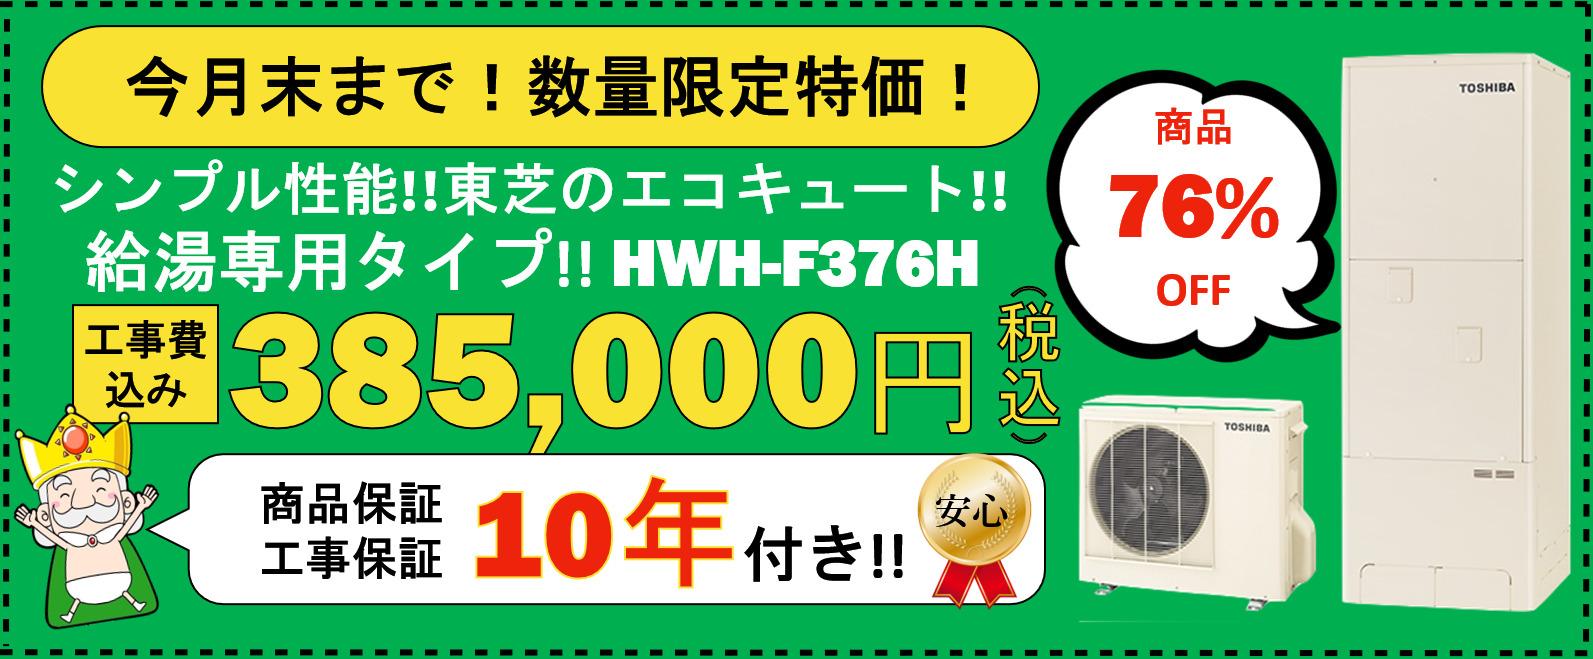 シンプル性能!!東芝のエコキュート!!給湯専用タイプ!!HWH-F376H 商品保証、工事保証10年付き!! 工事費込み385,000円(税込)